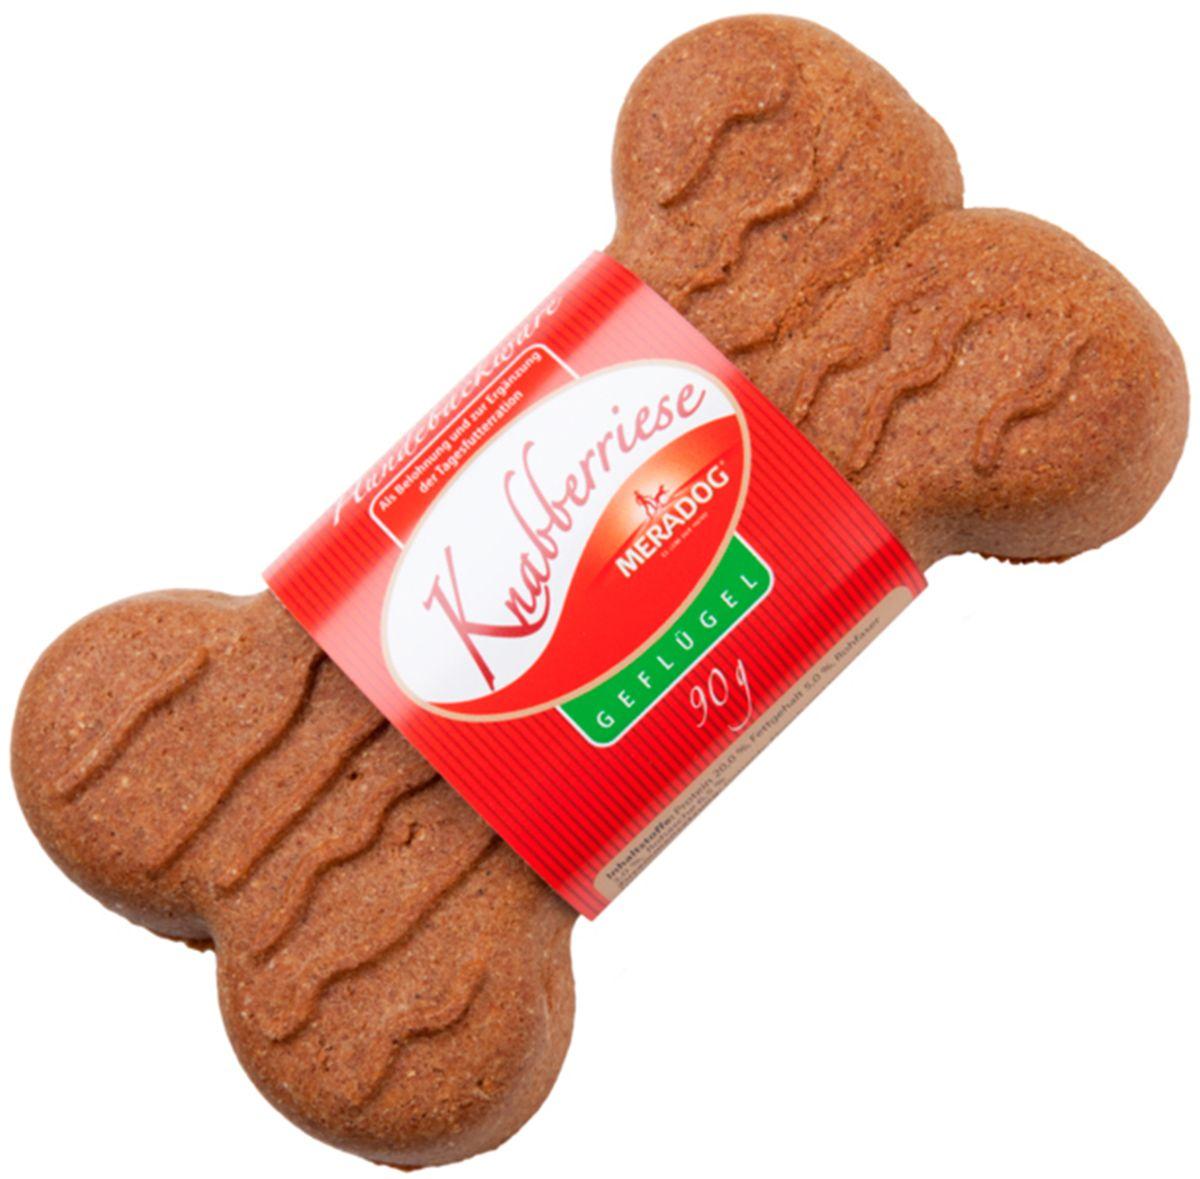 Печенье_(лакомства)_для_собак._Как_вознаграждение,_а_также_дополнение_к_основному_рациону_собак